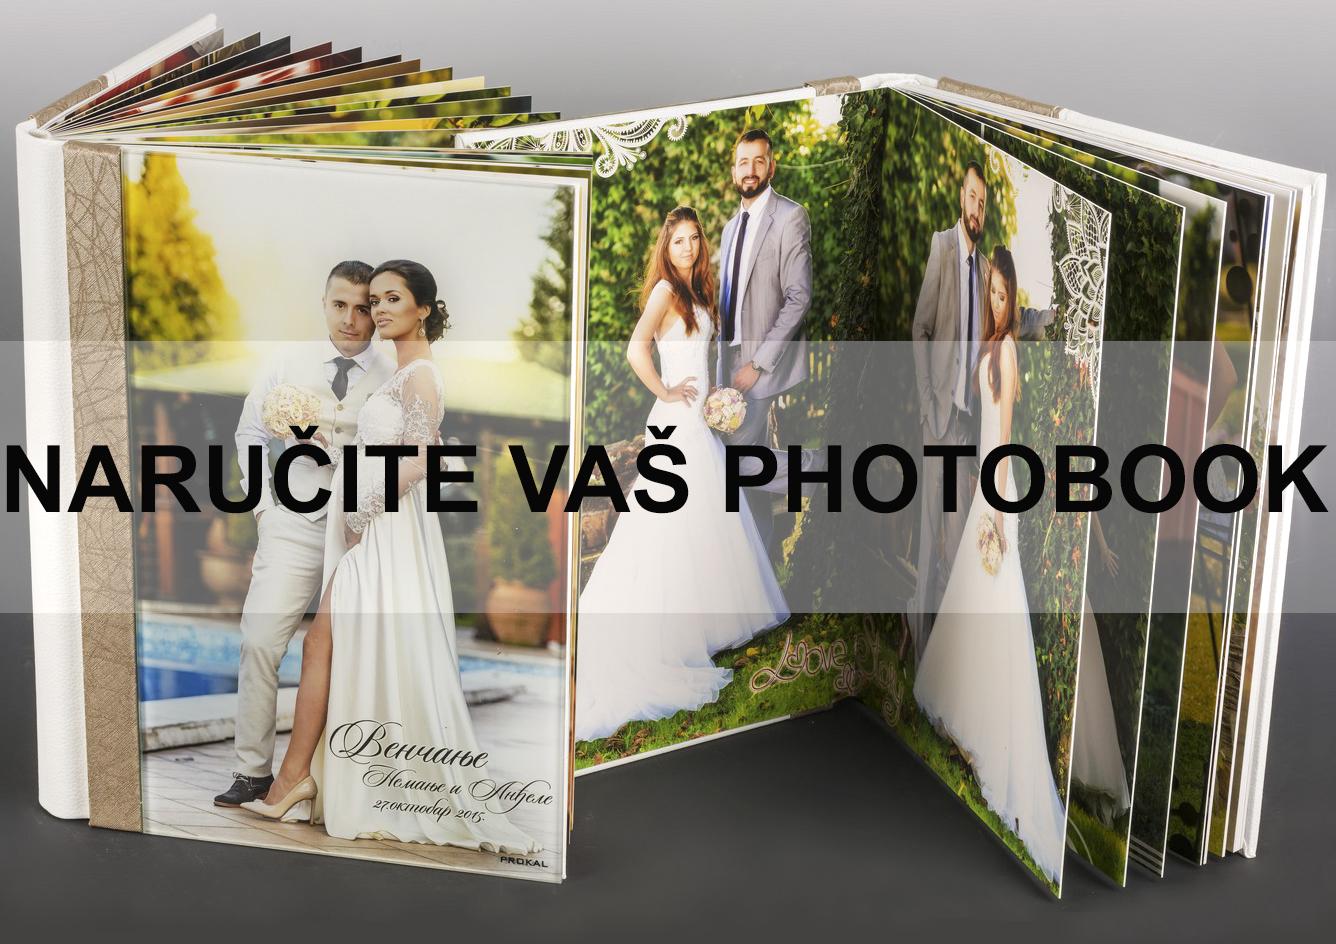 Baner za home stranicu - PHOTO BOOK